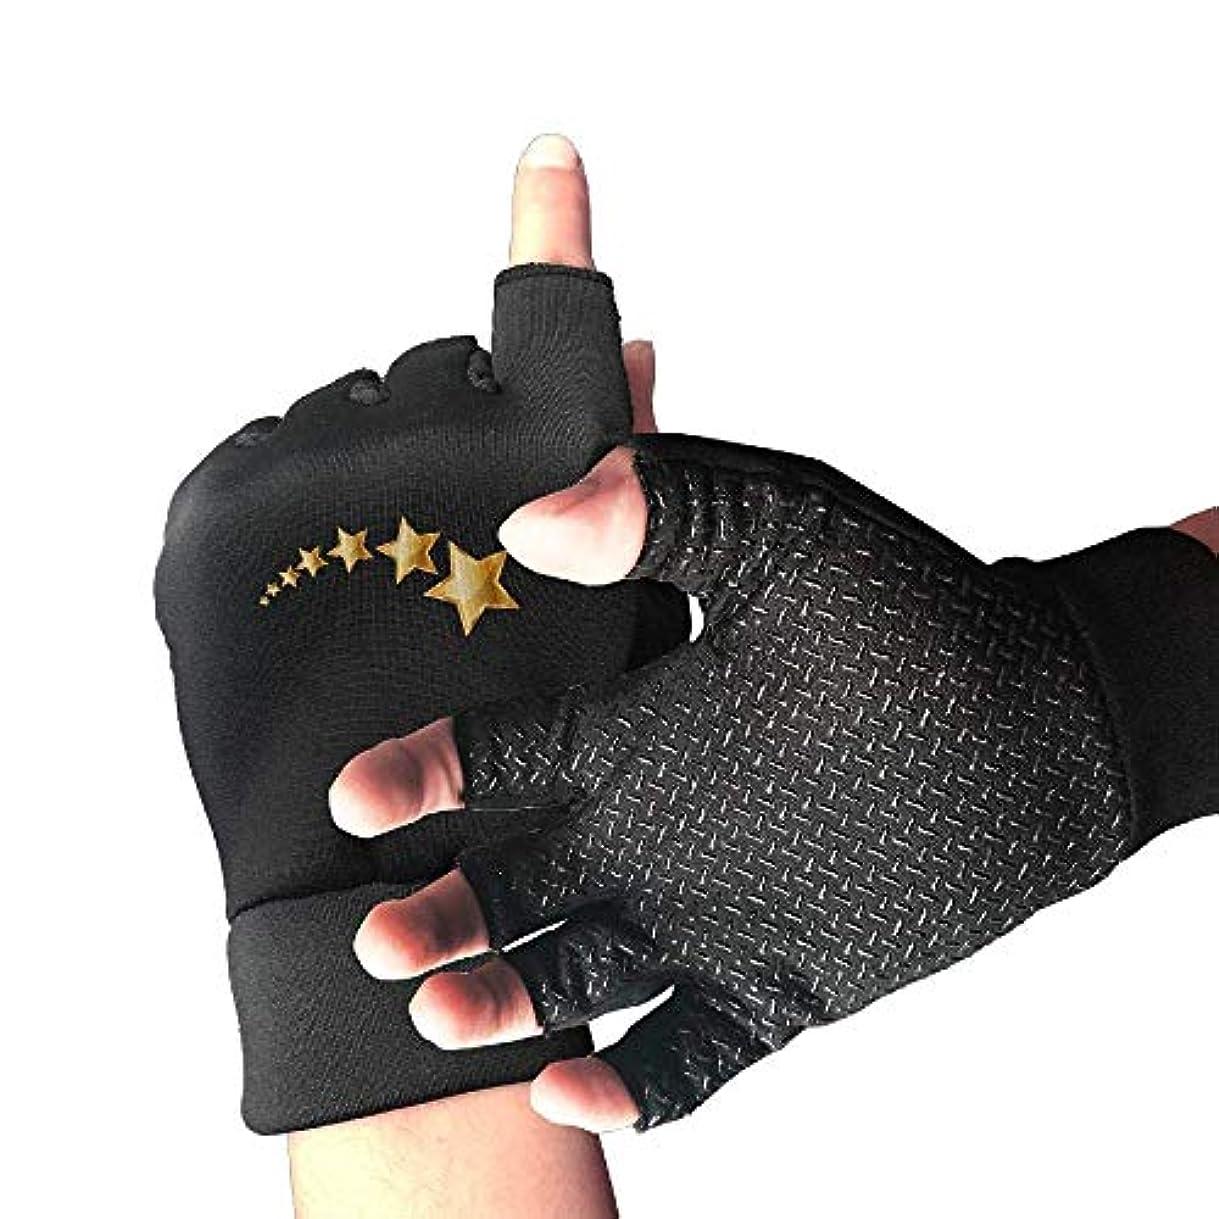 ピアニスト深い鷲Cycling Gloves Gold Stars Men's/Women's Mountain Bike Gloves Half Finger Anti-Slip Motorcycle Gloves